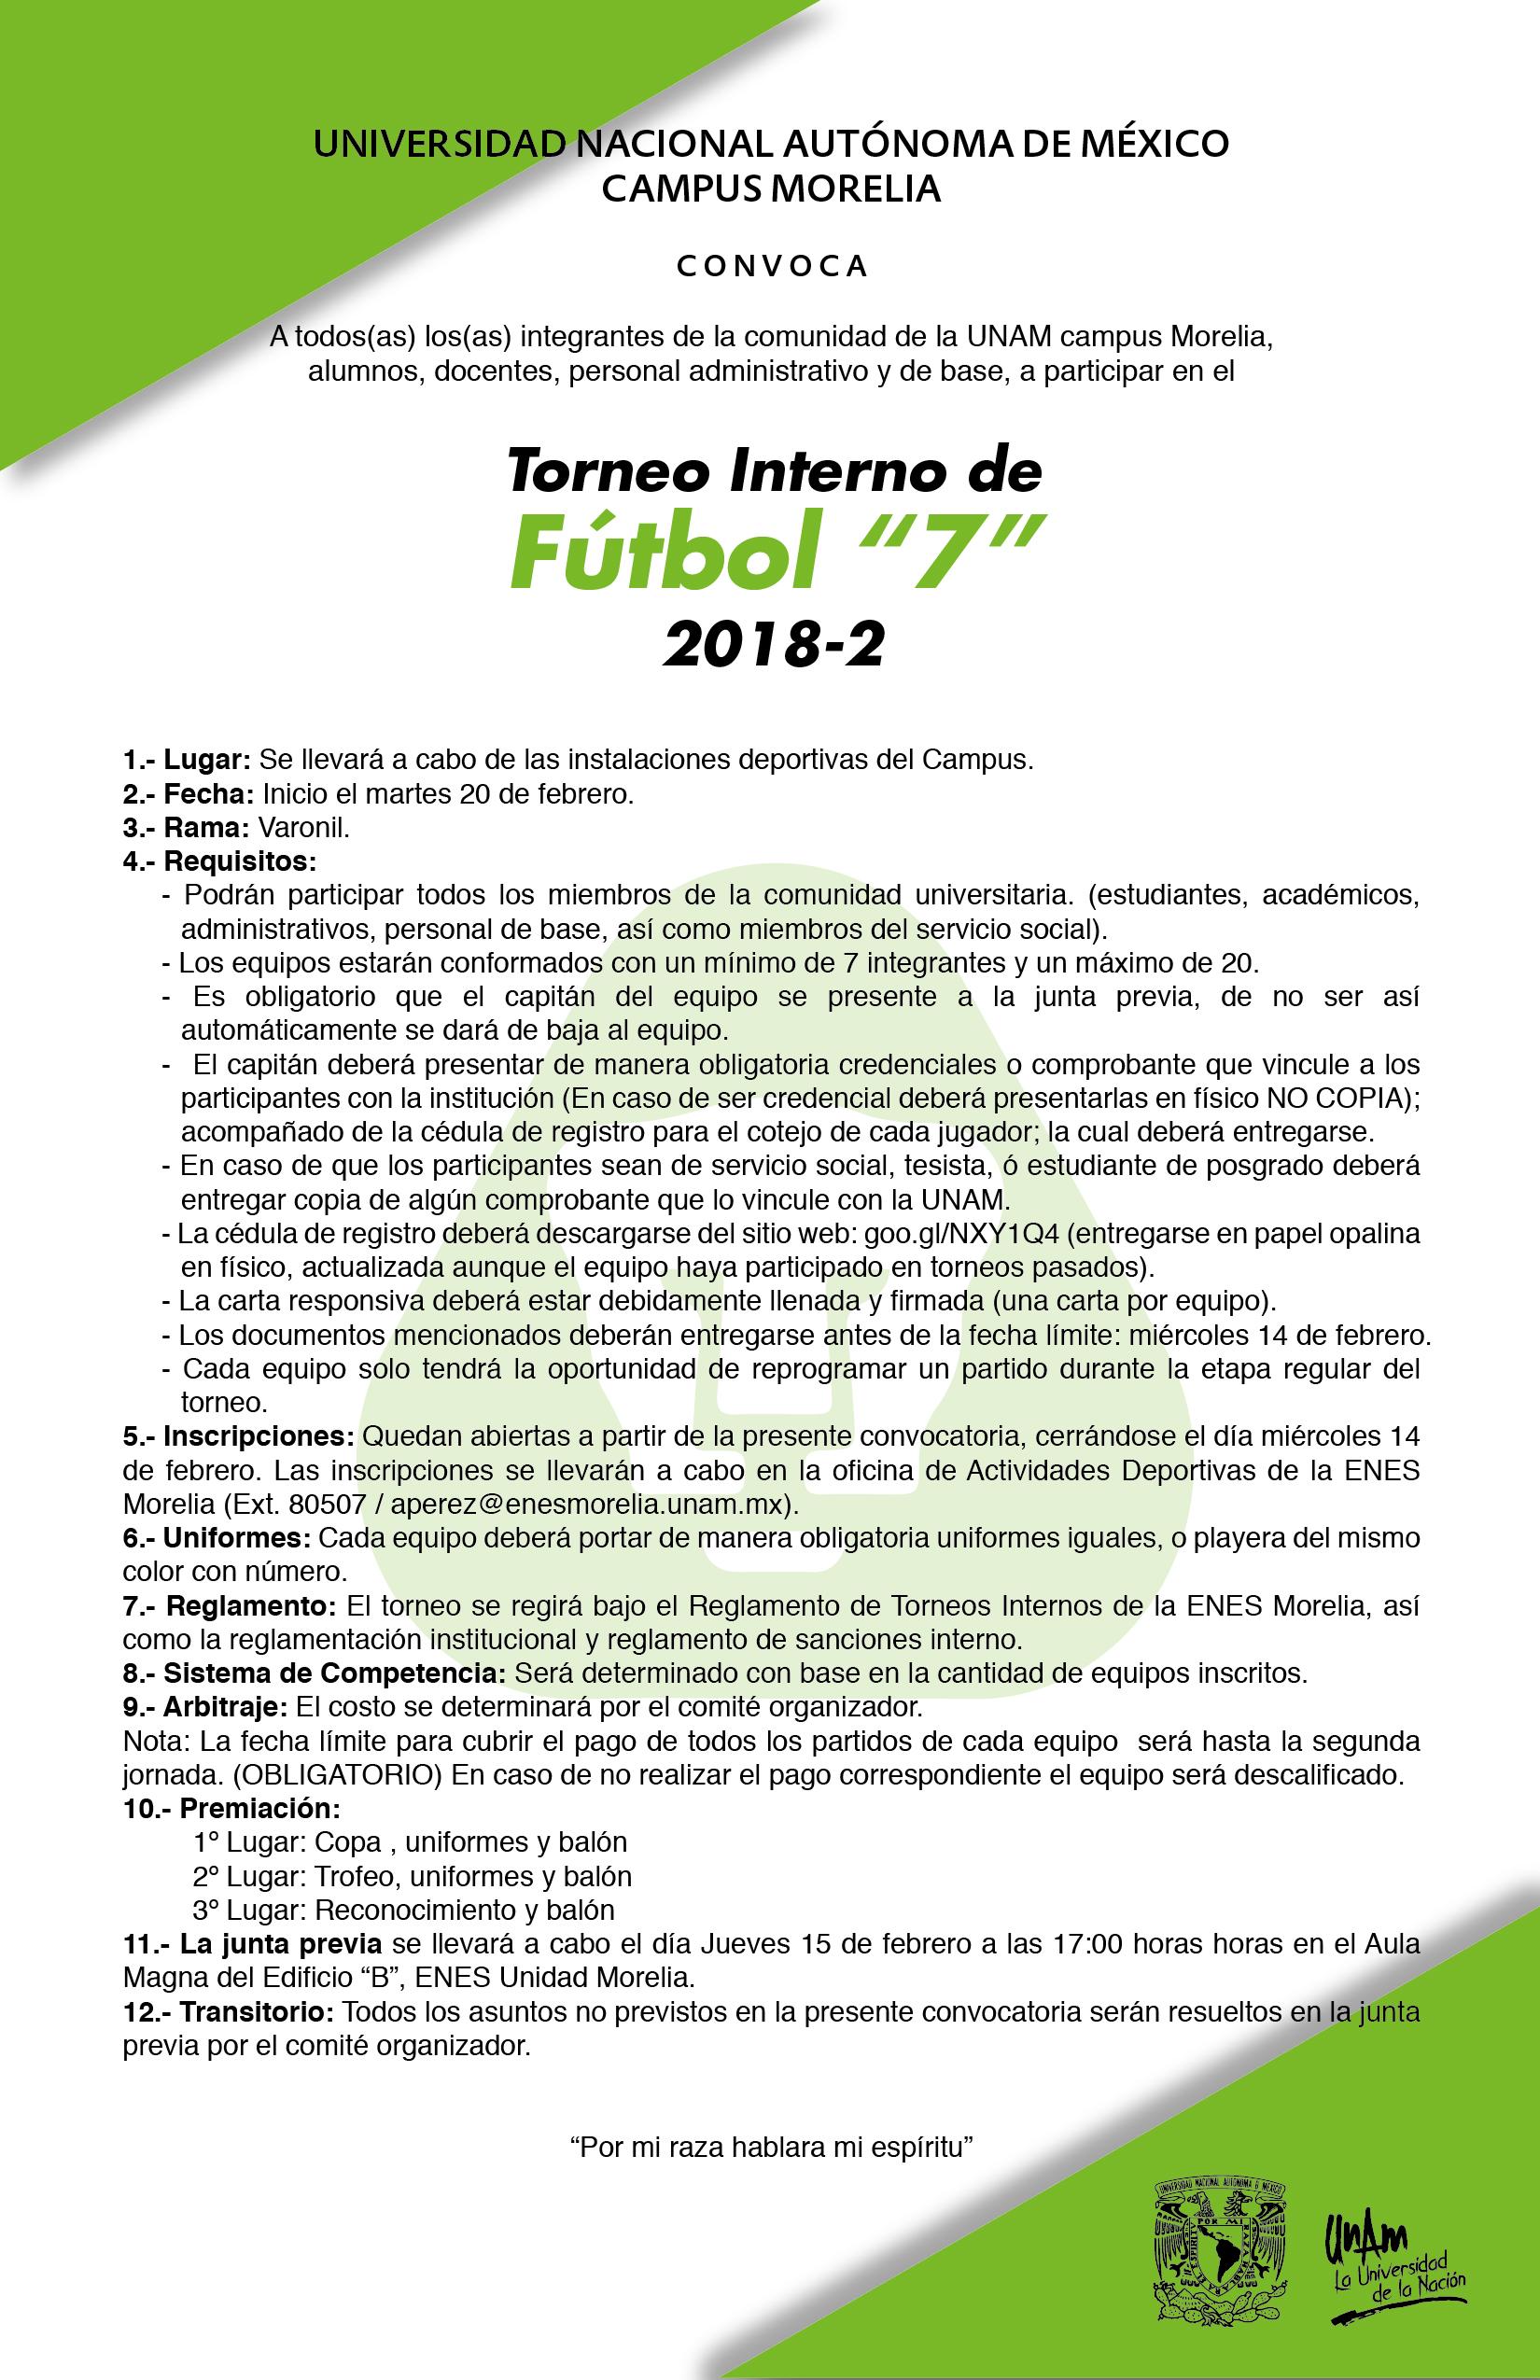 convocatoria-deportivas-2018-2-02